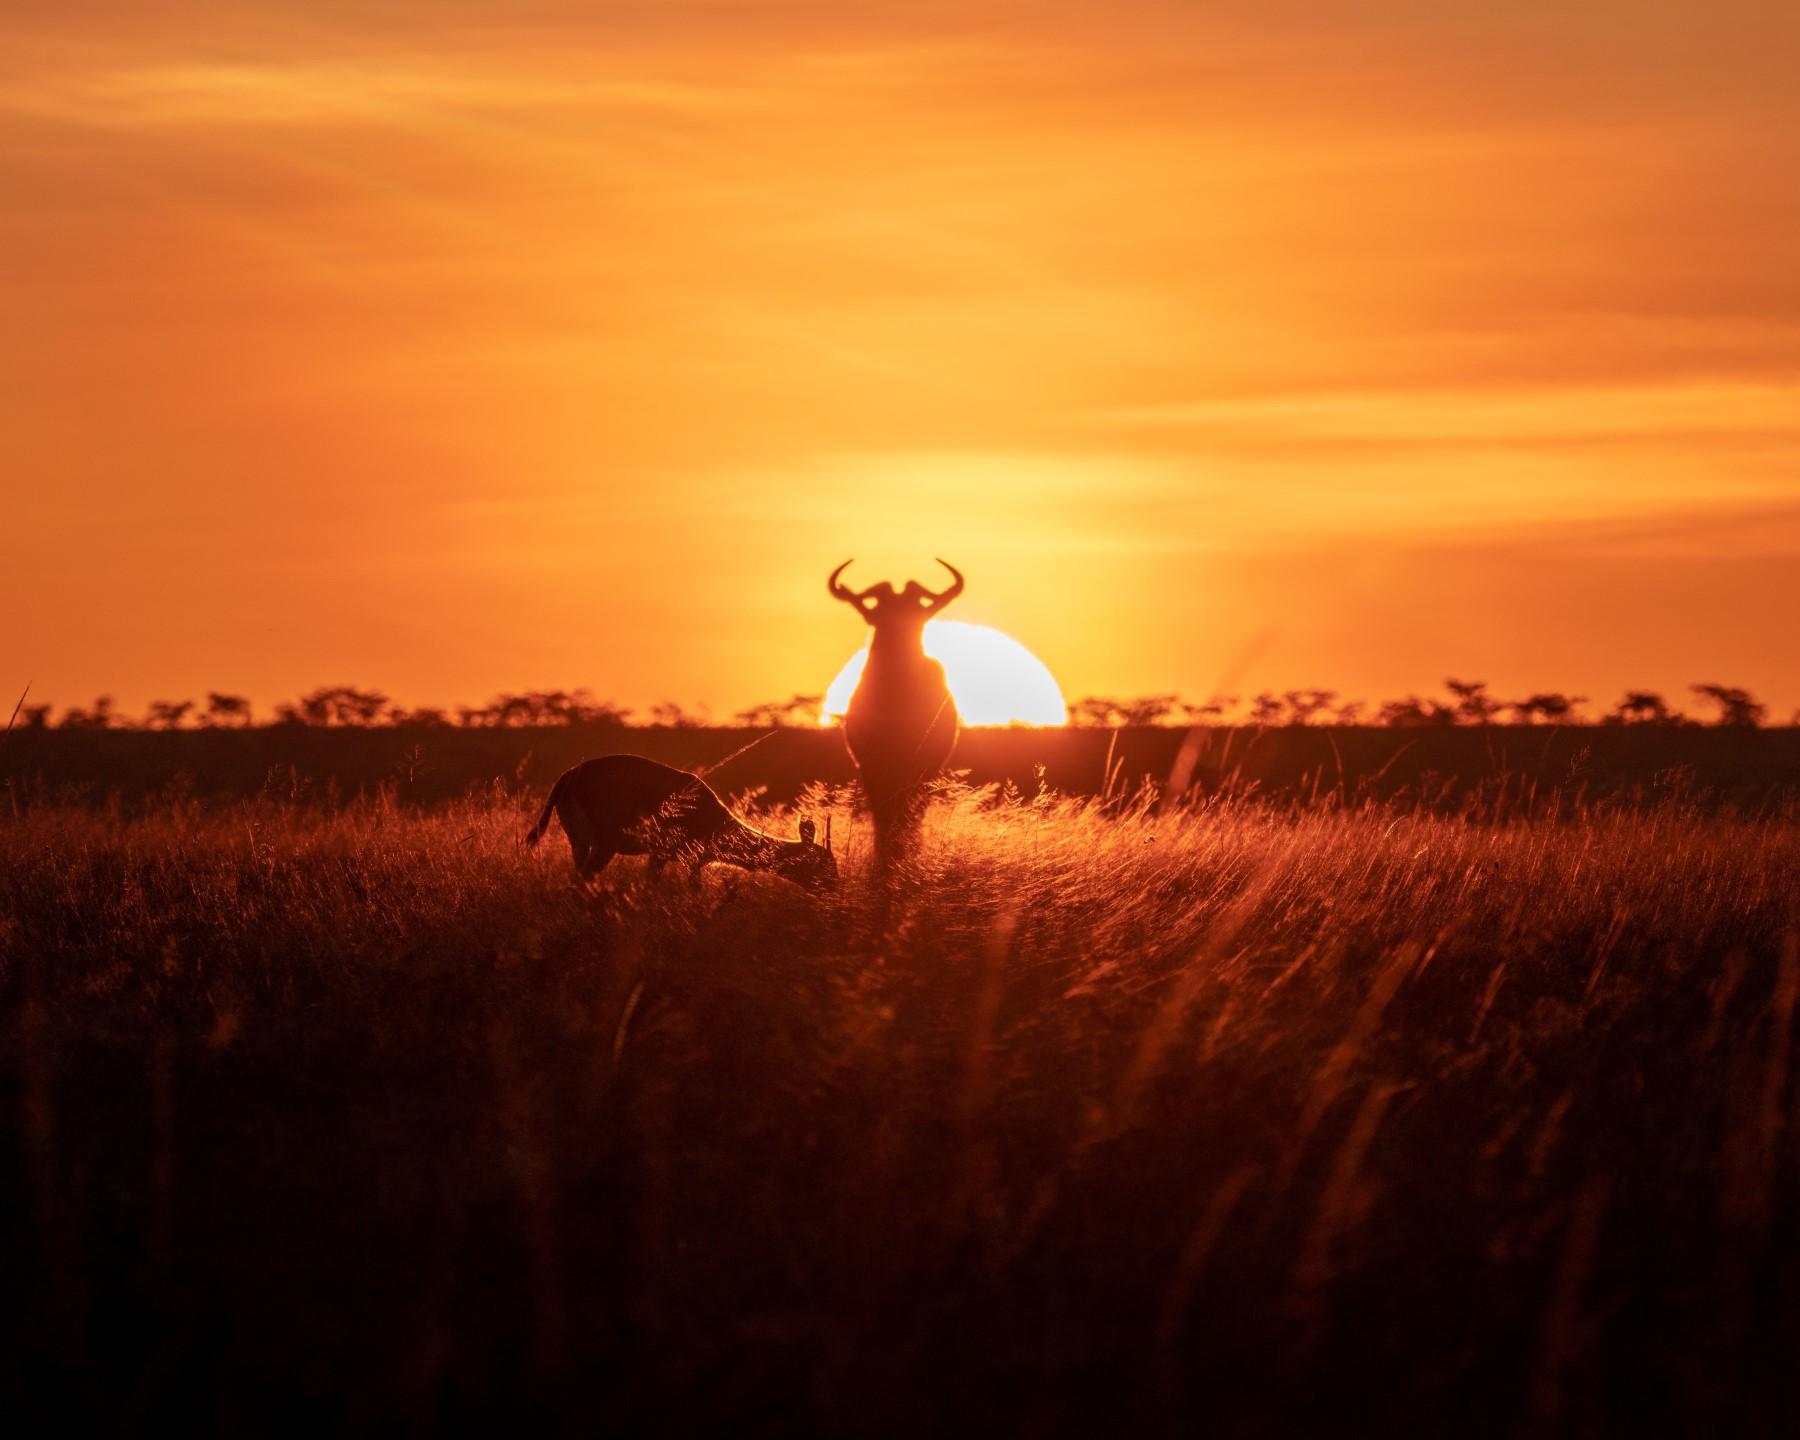 充满能量的早安图片语录,阳光激励早安语